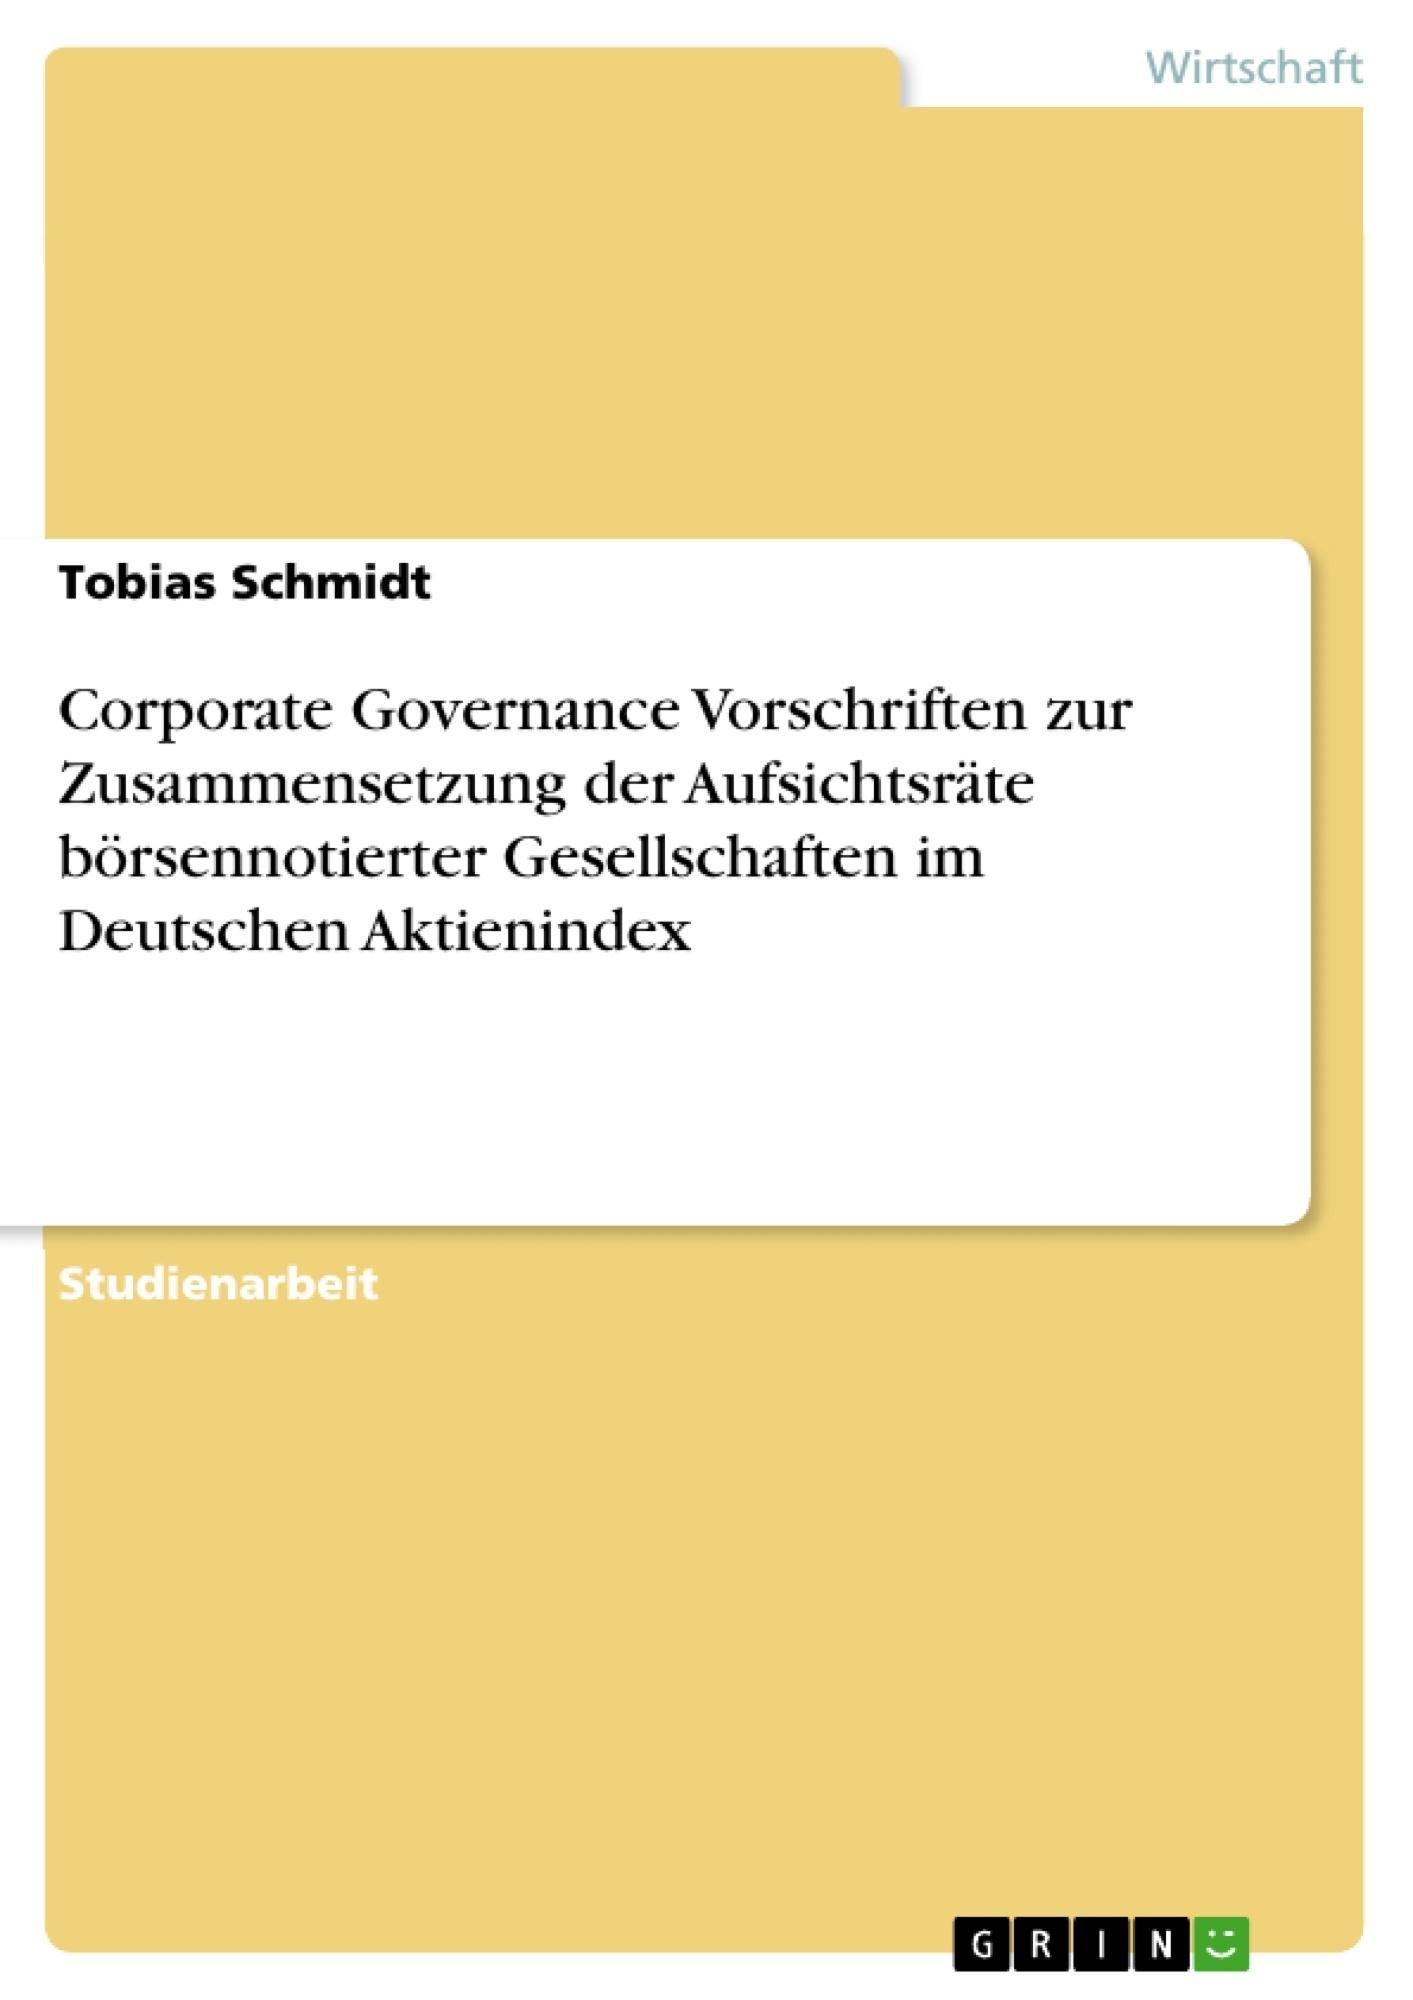 Titel: Corporate Governance Vorschriften zur Zusammensetzung der Aufsichtsräte börsennotierter Gesellschaften im Deutschen Aktienindex